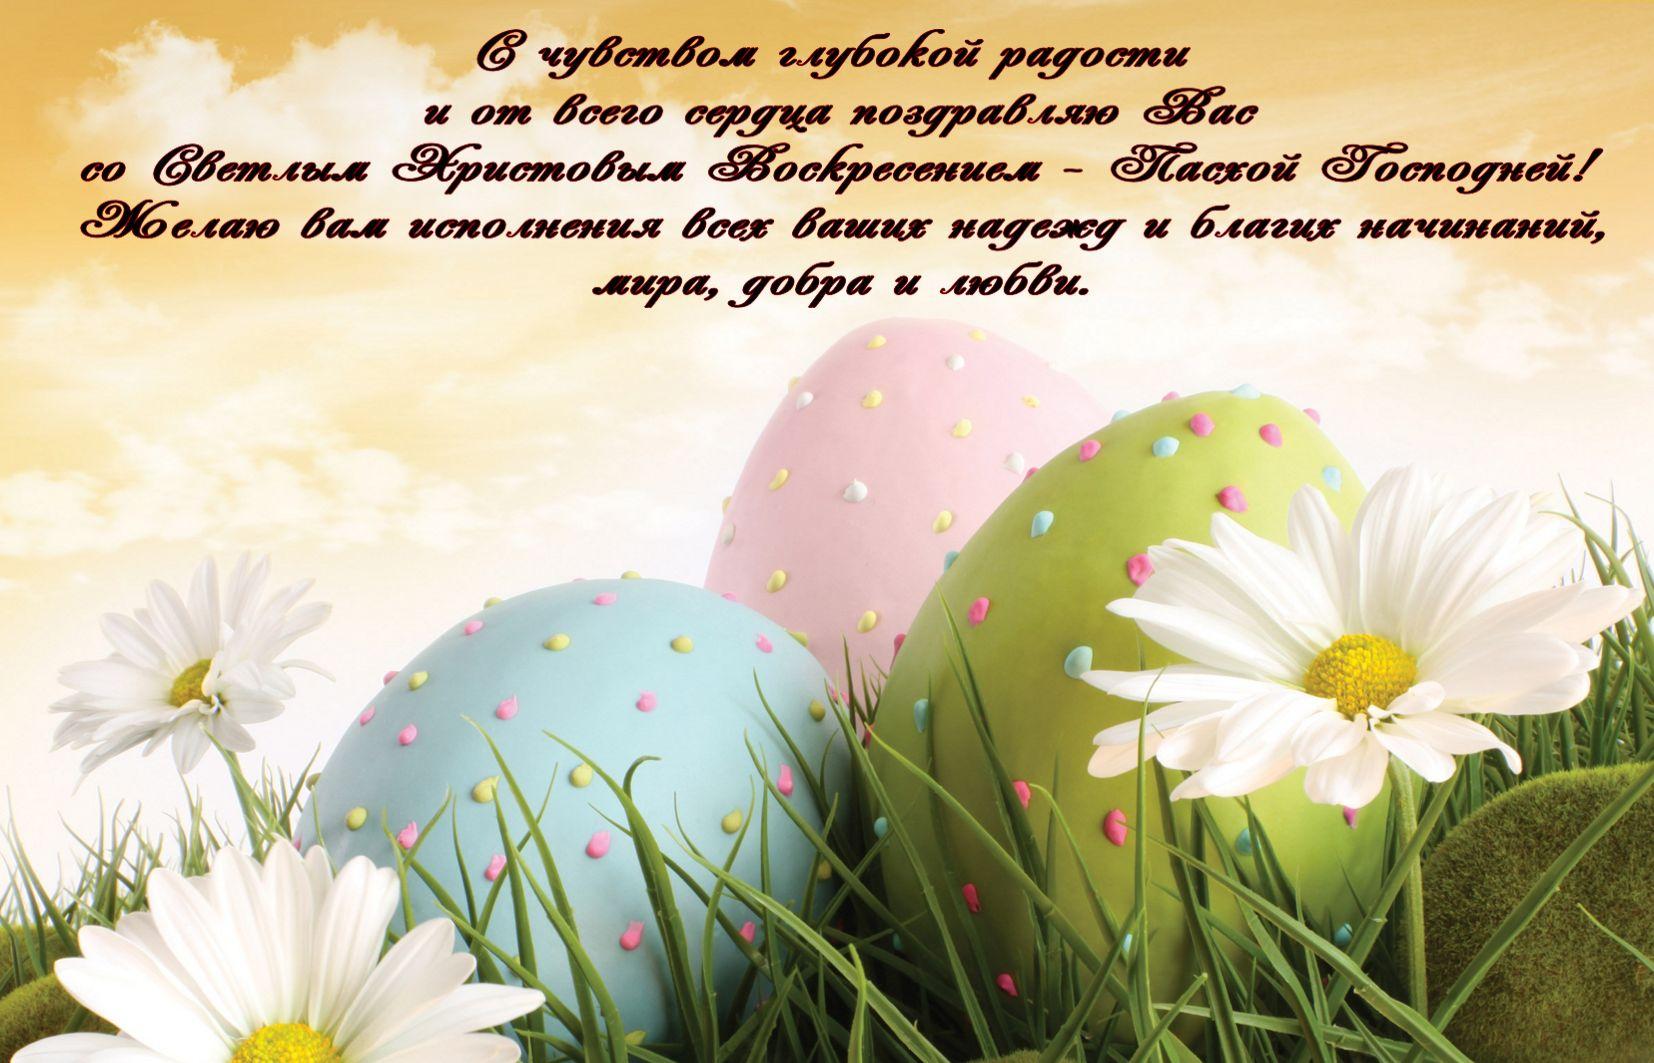 Пожелание на Пасху, ромашки и раскрашенные яйца